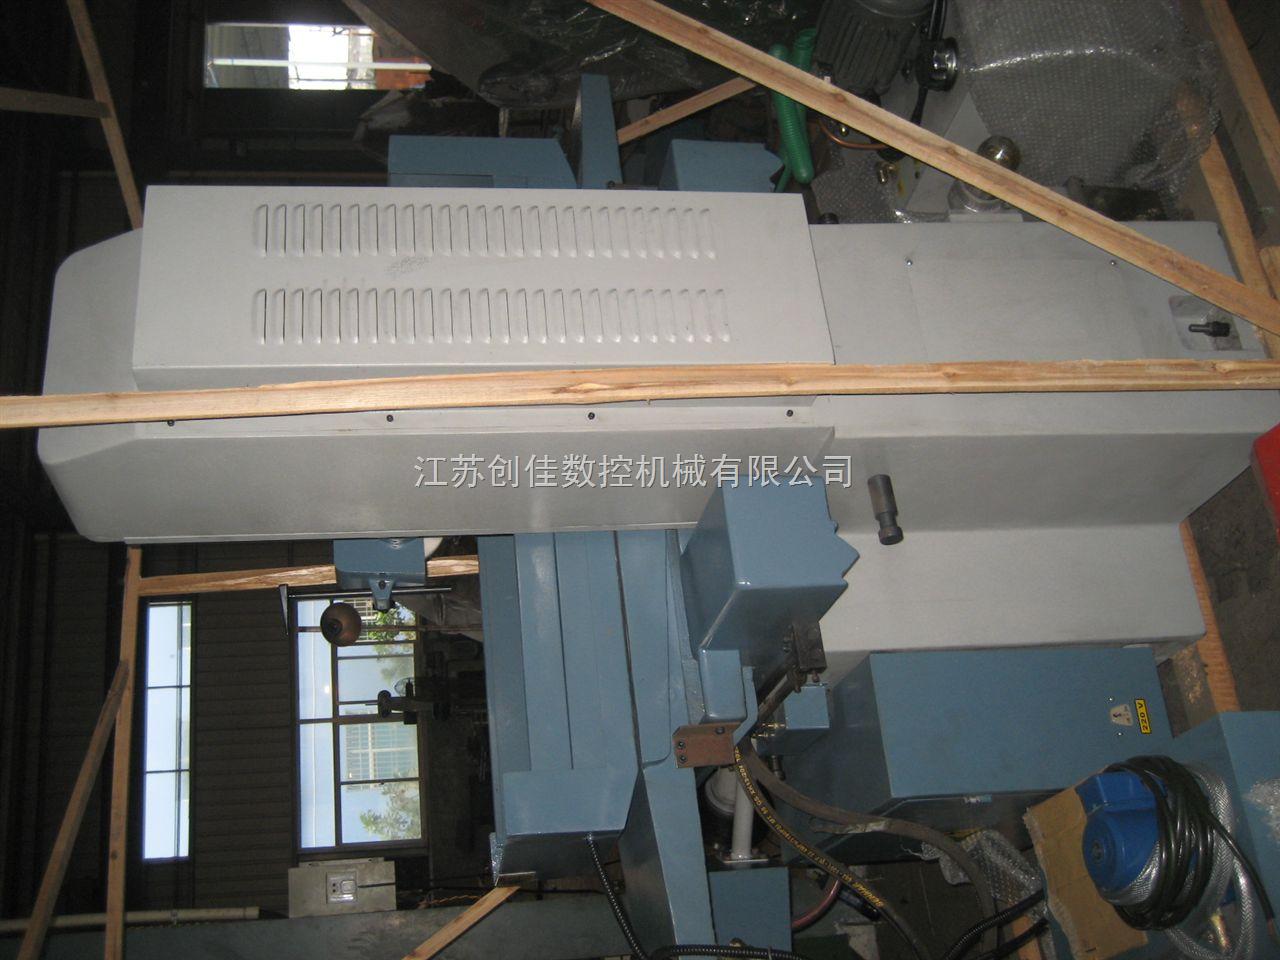 创数控机械平面磨床、立式铣床